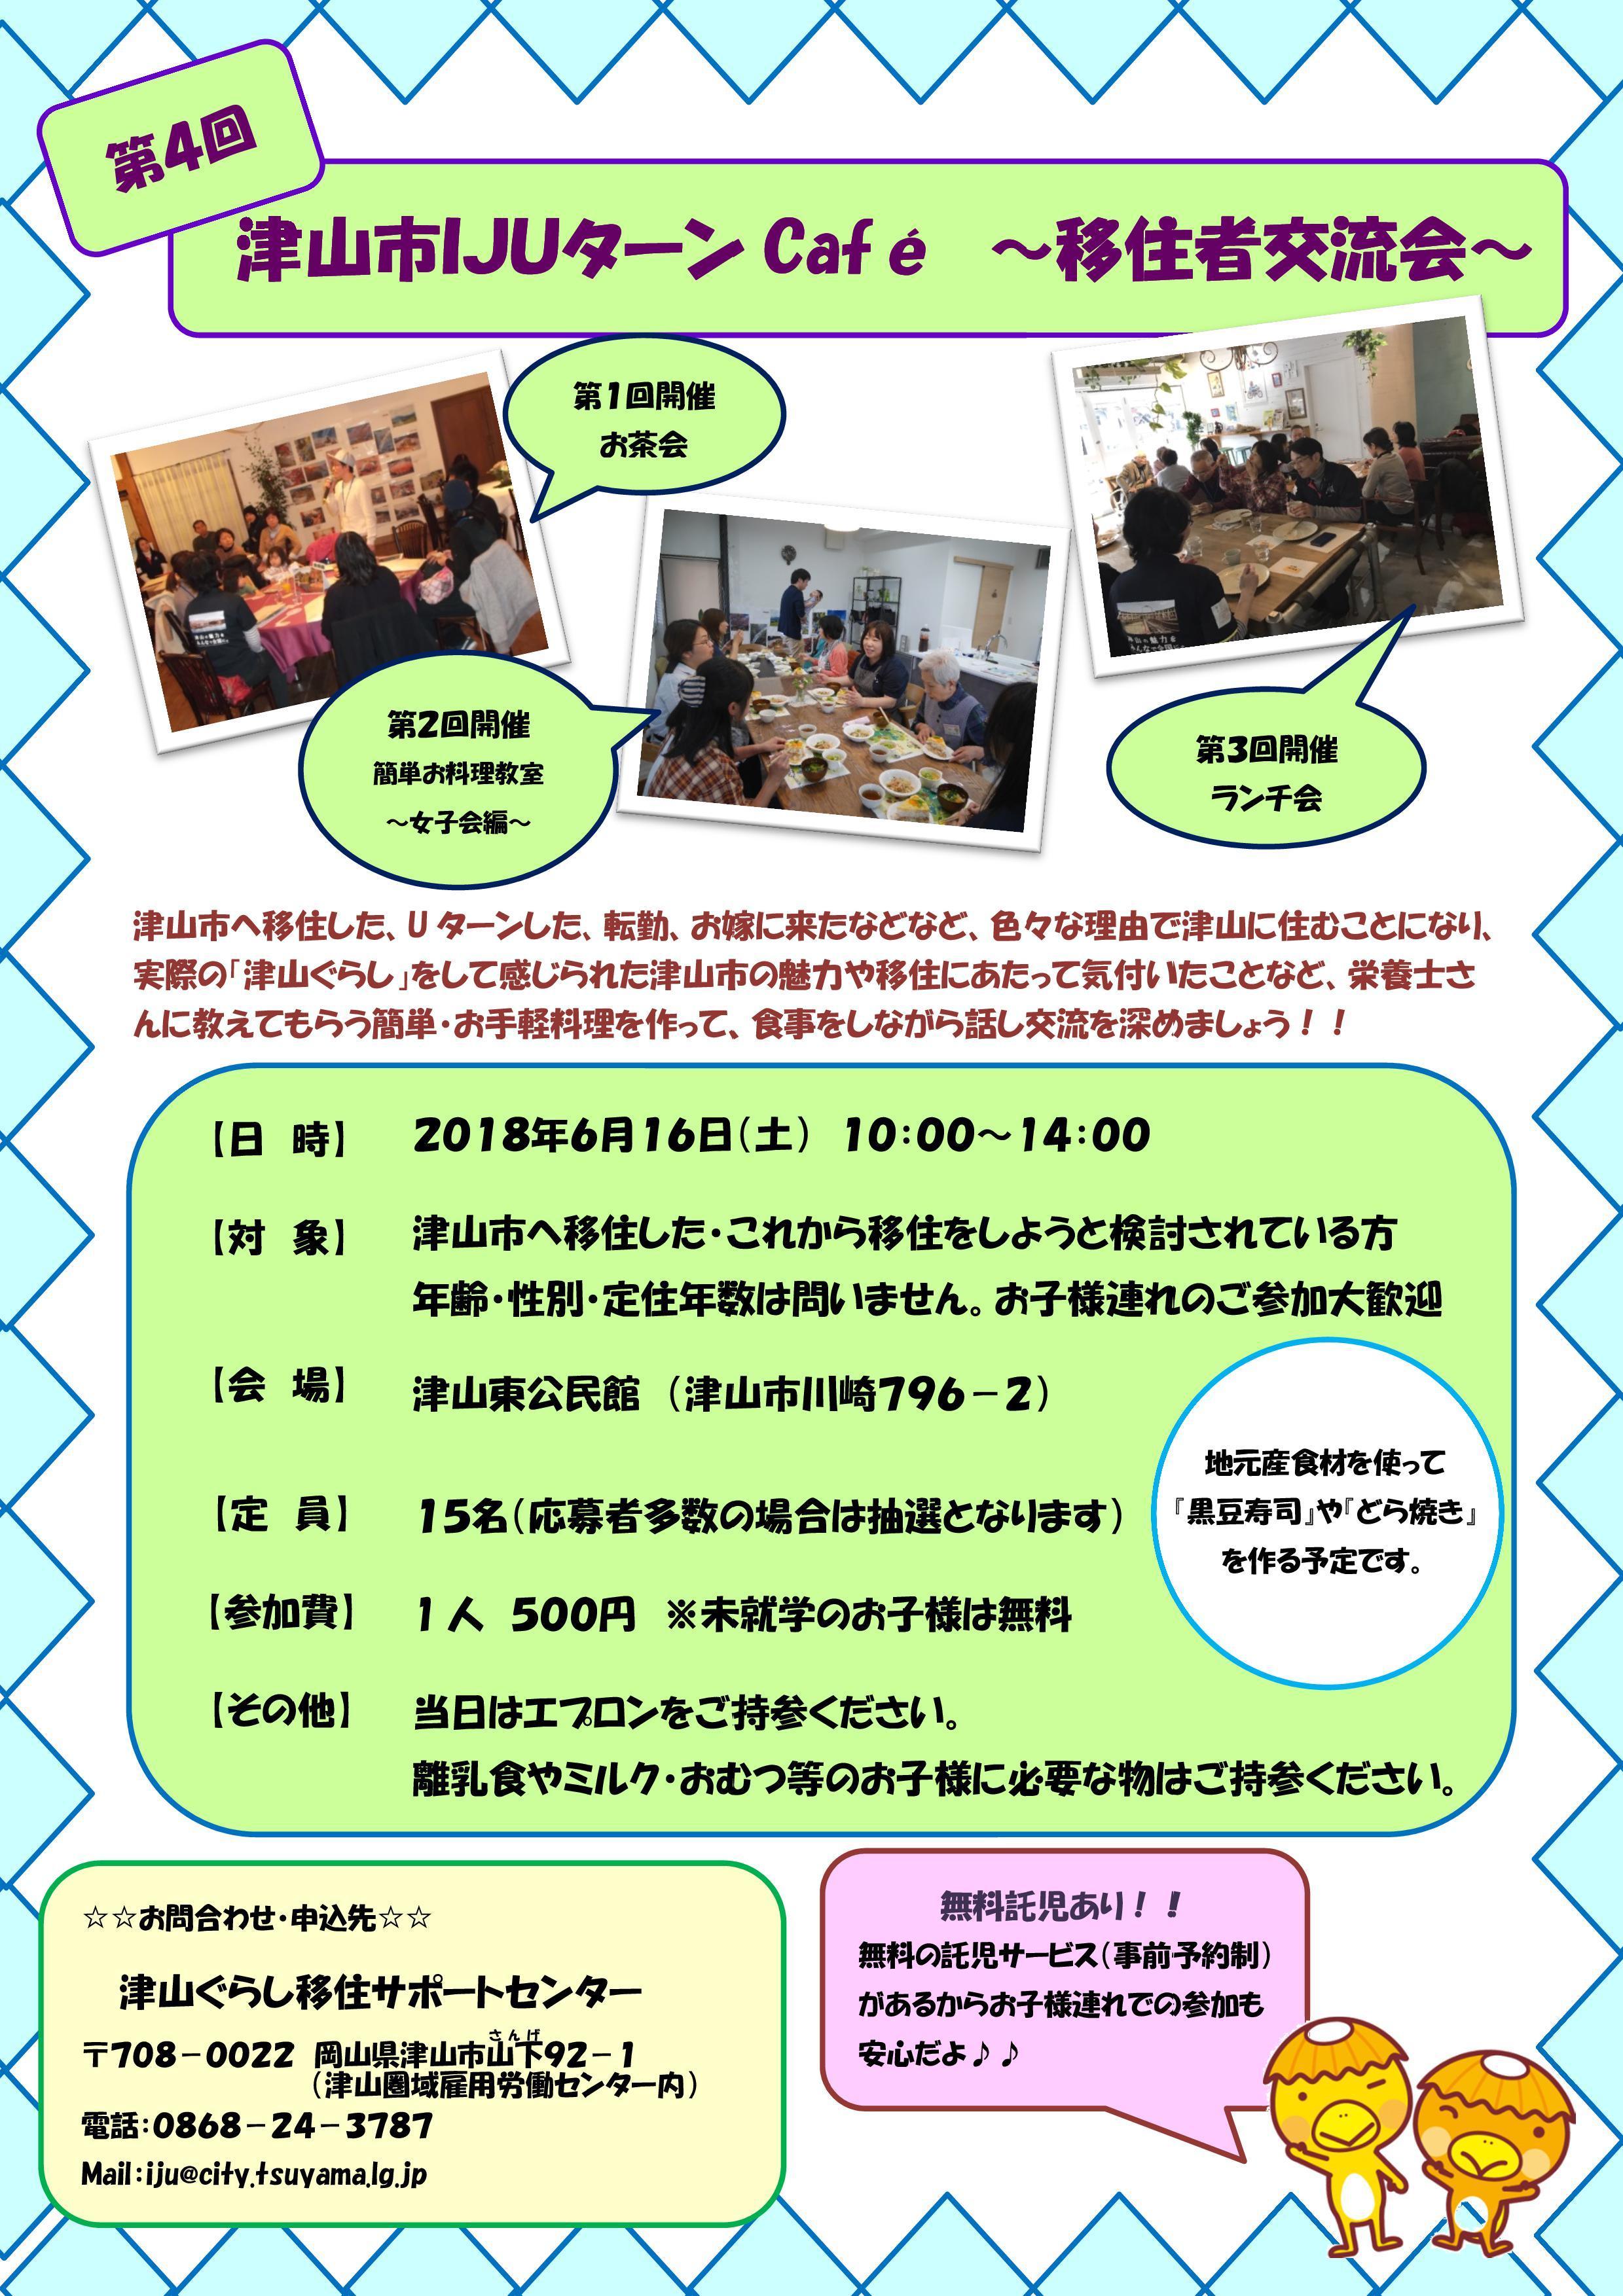 2018年6月16日(土)第4回 津山市IJUターンcafe~移住者交流会~開催のお知らせ